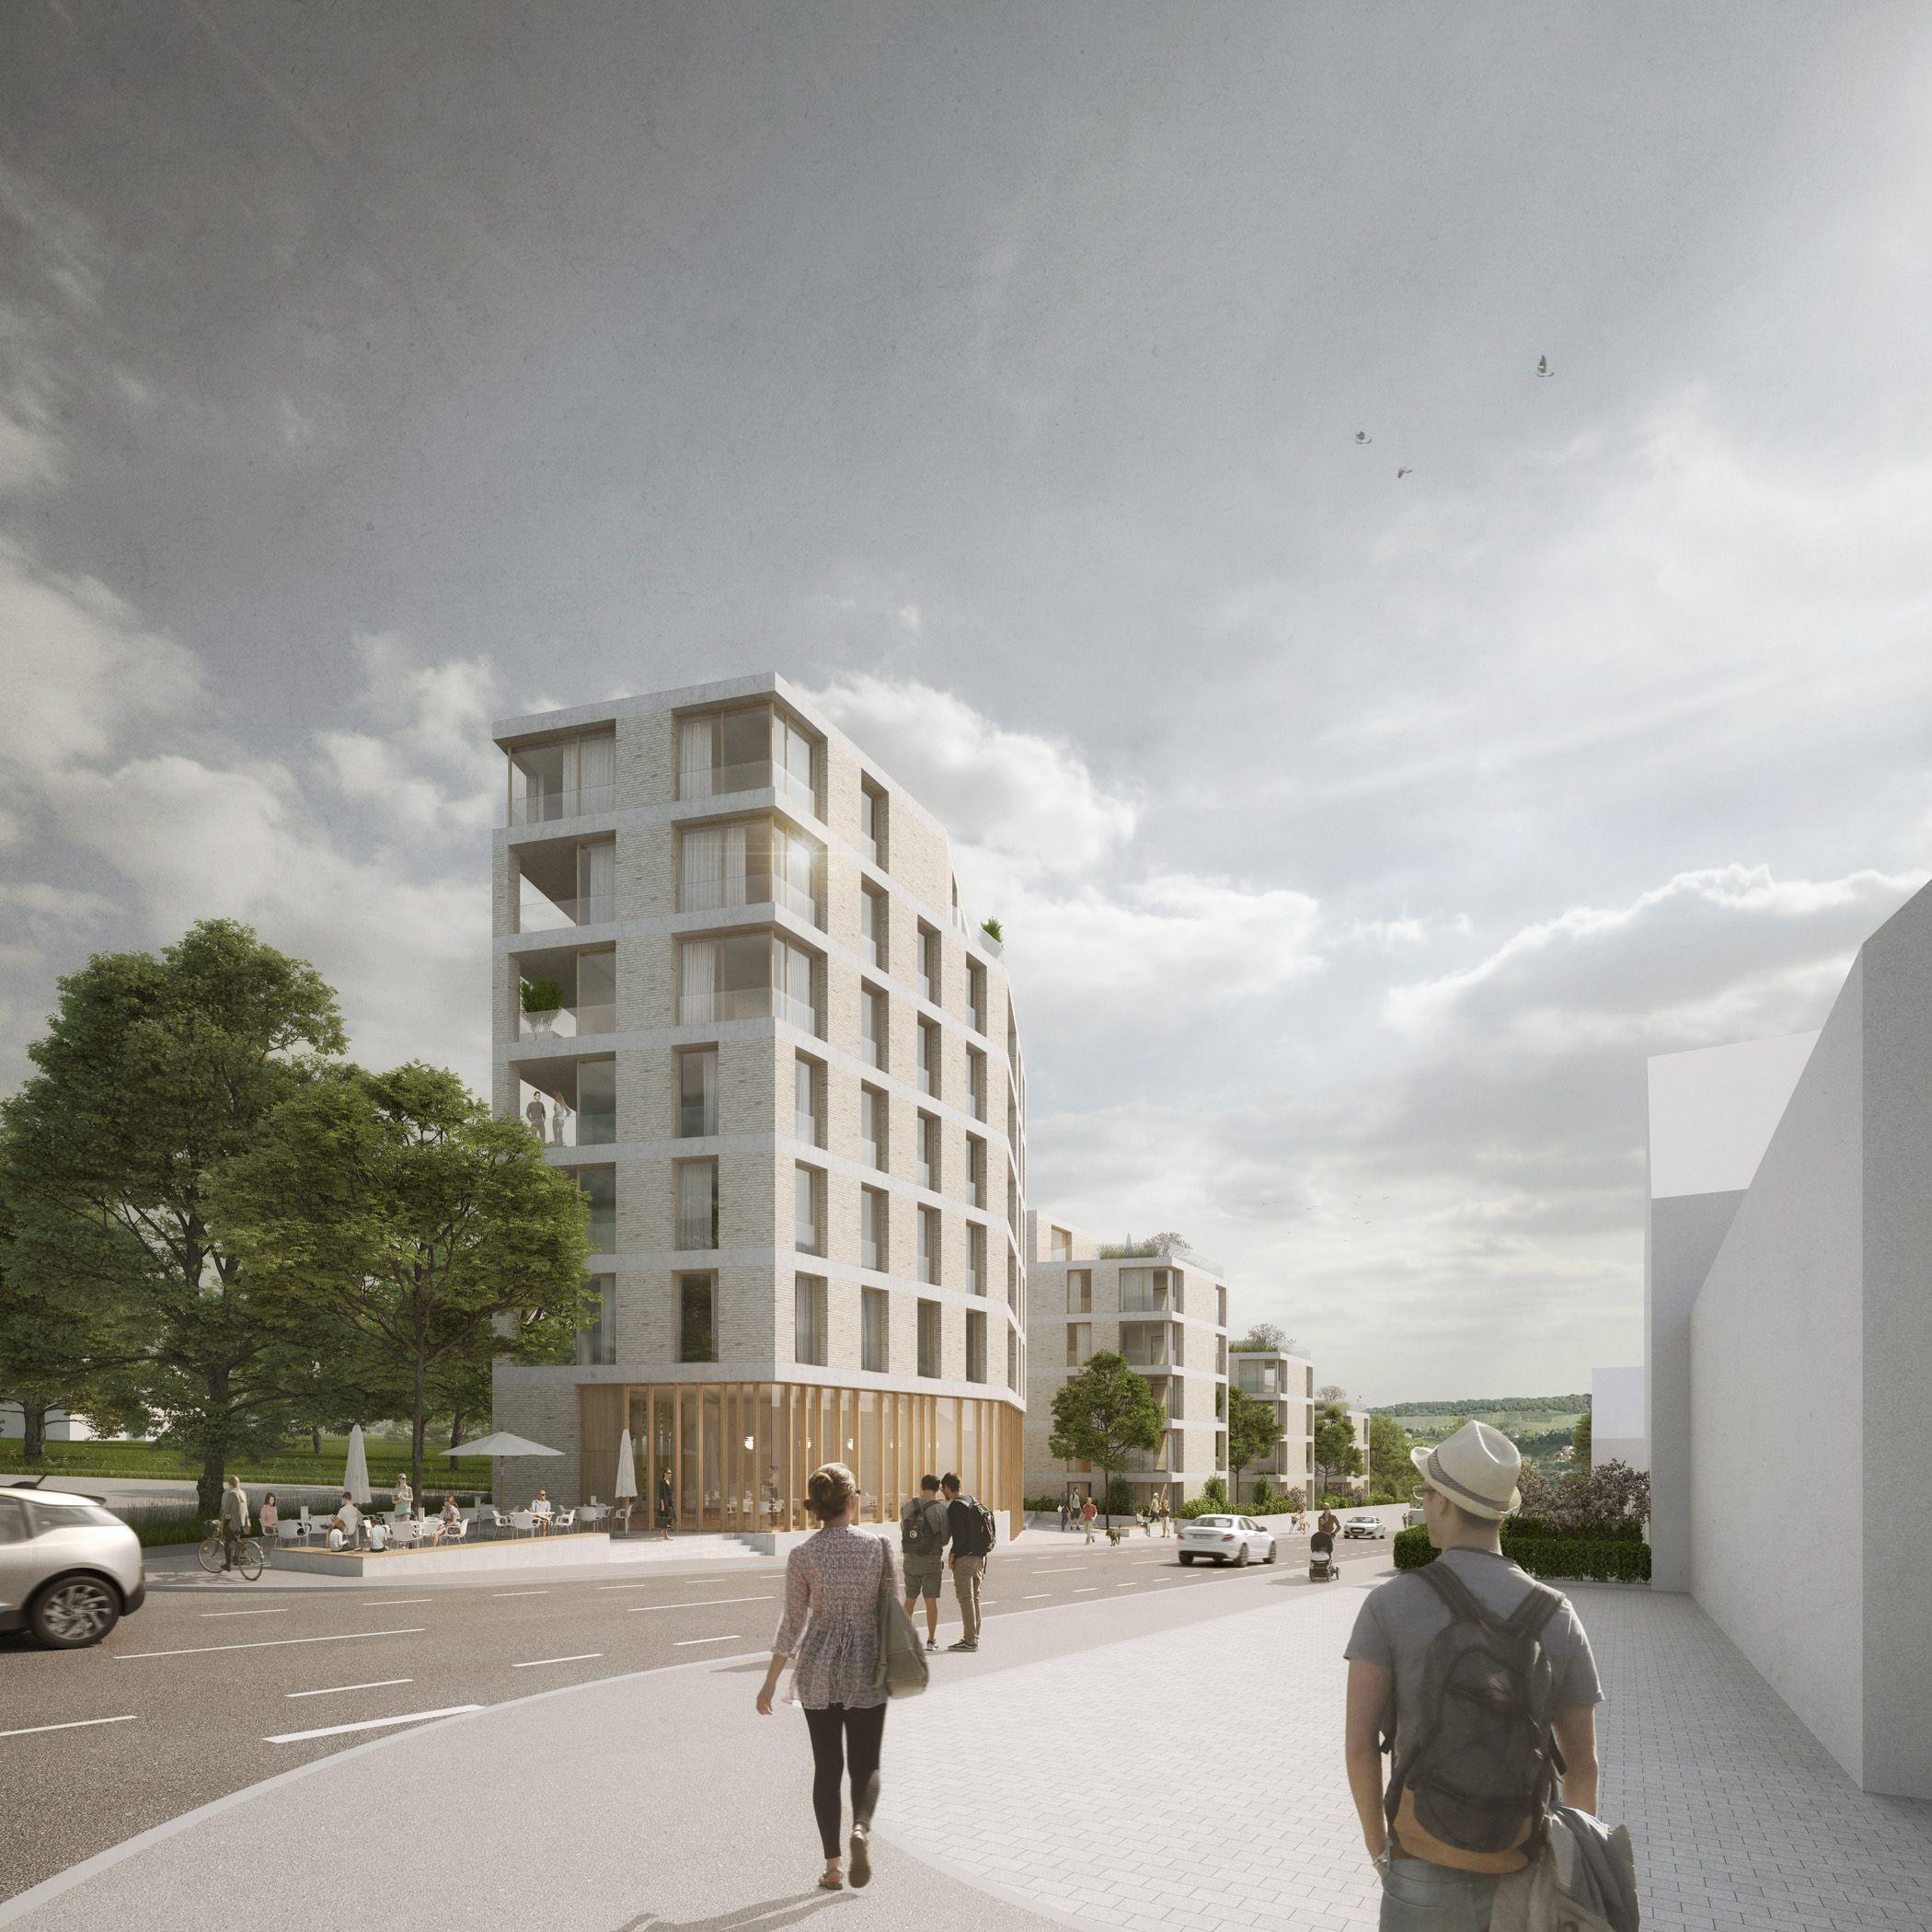 Architekten Heilbronn wettbewerb wohnbebauung heidelberger straße in heilbronn für